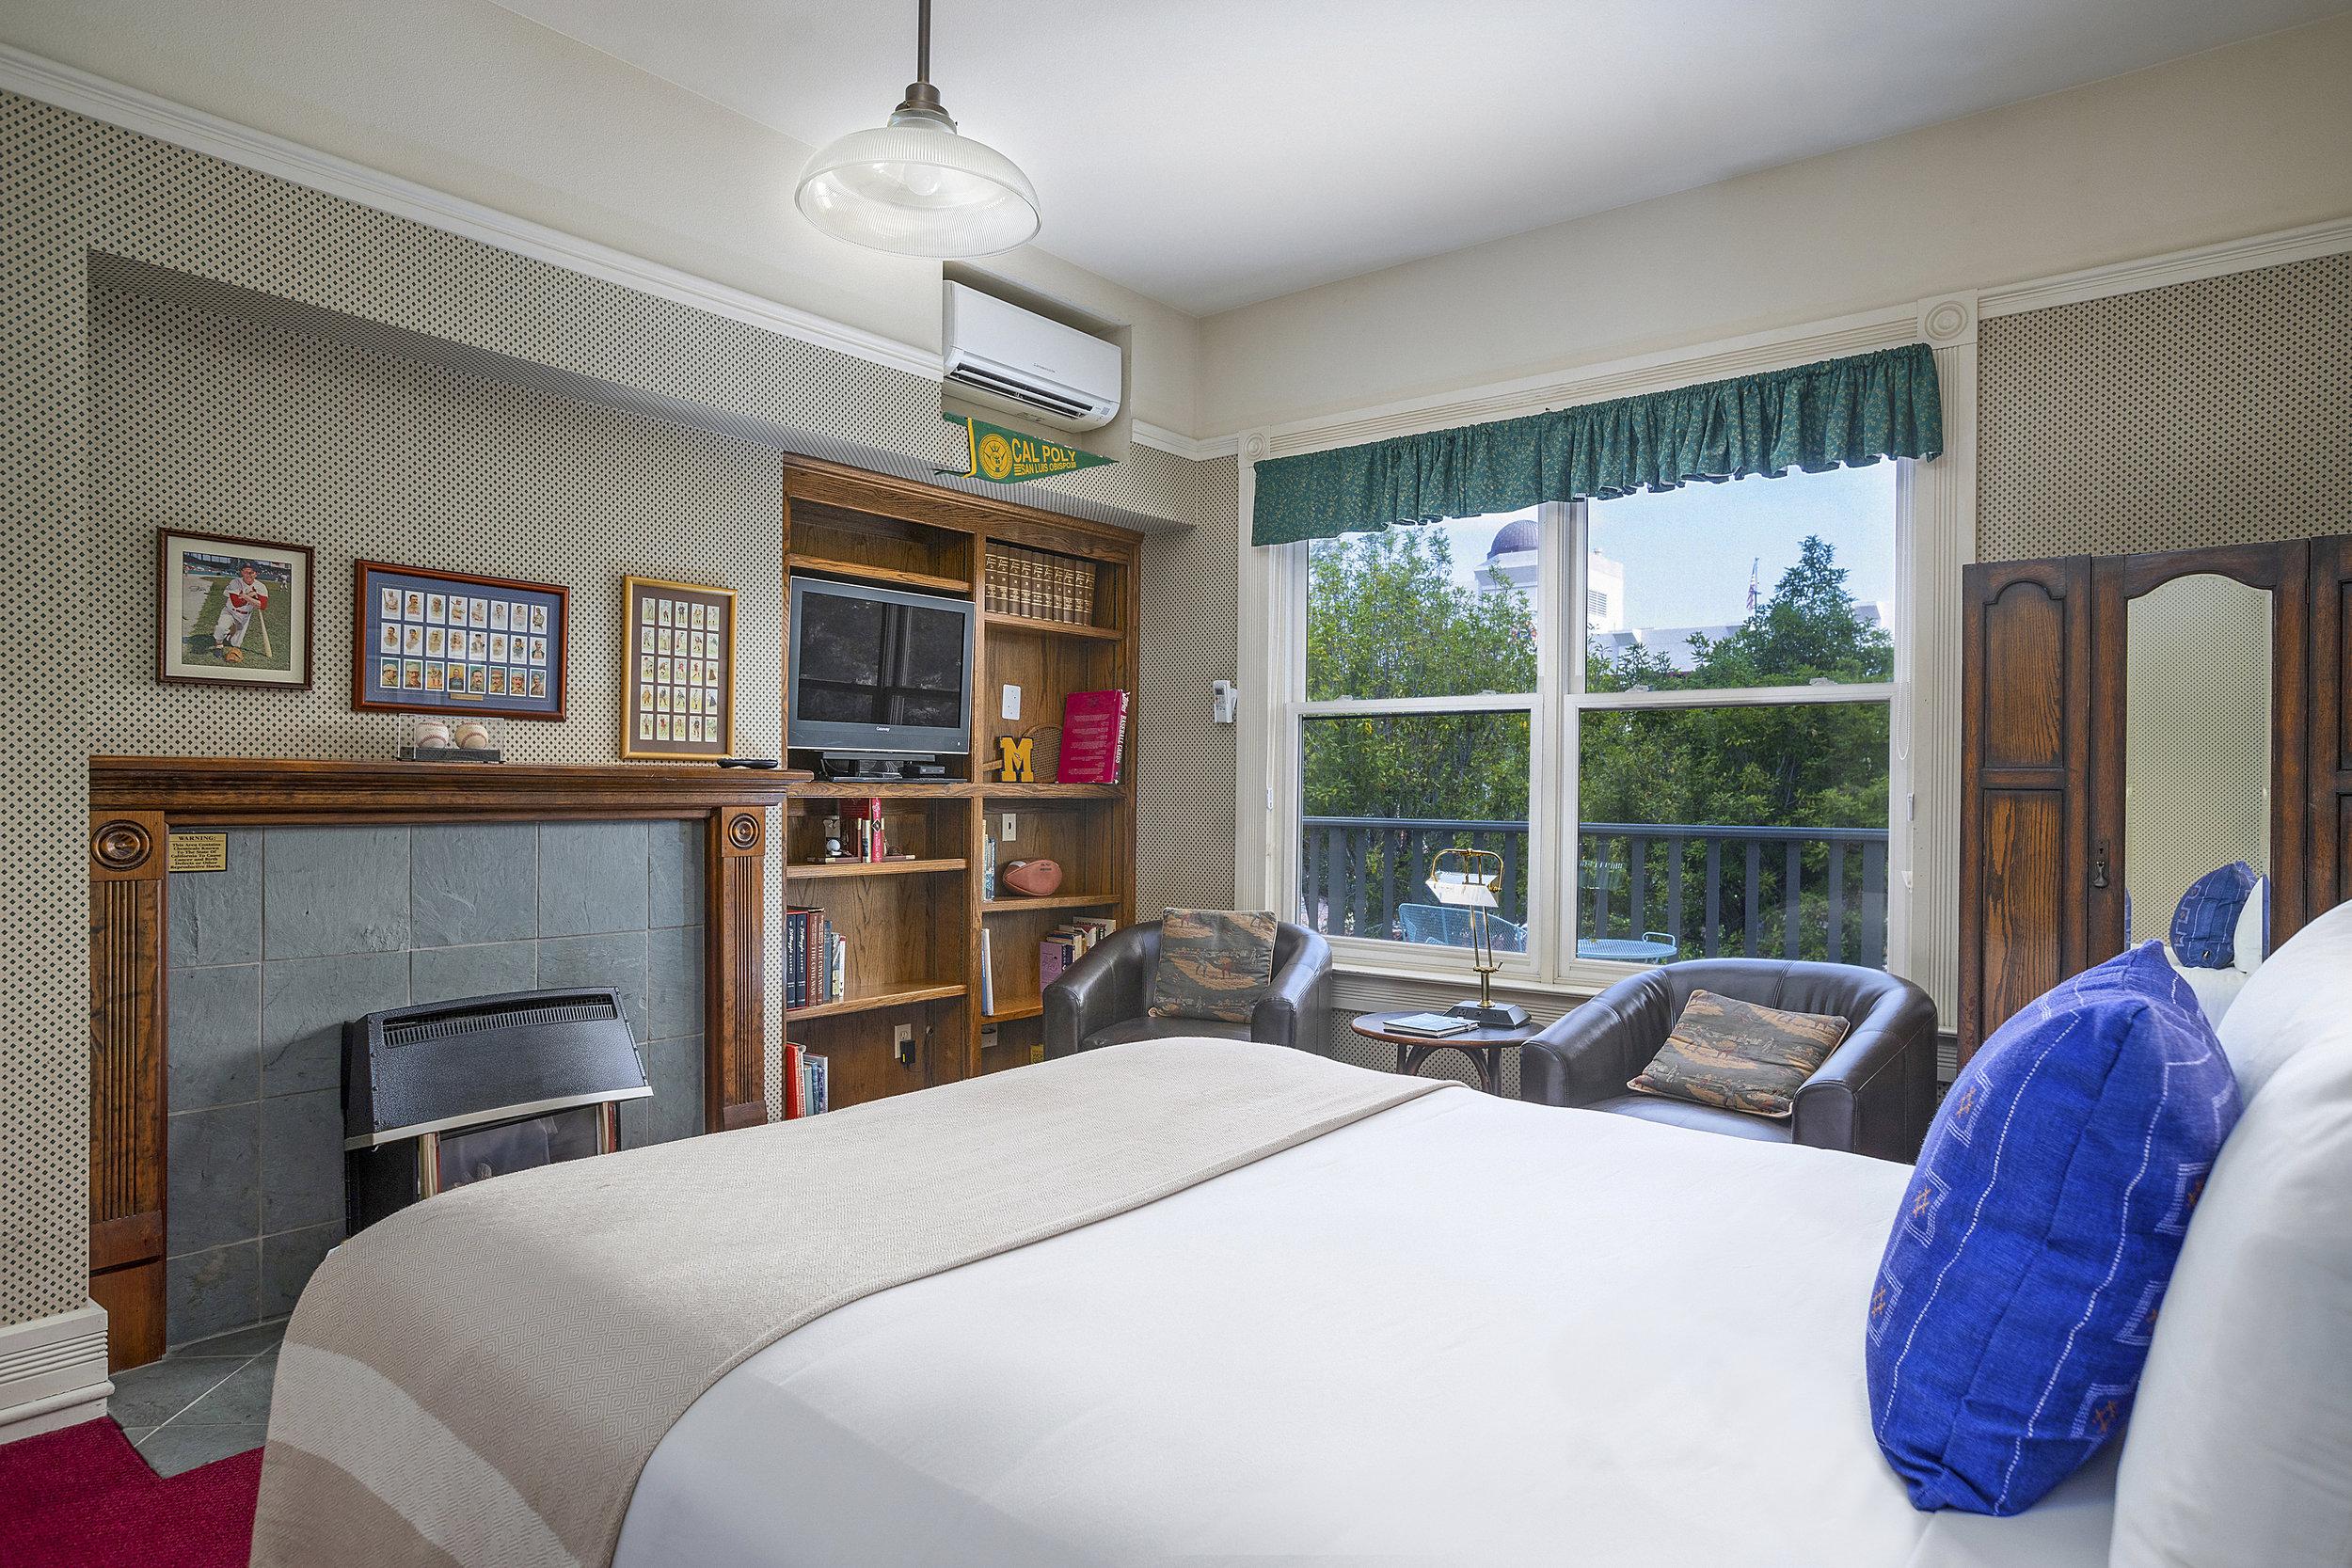 Garden Street Inn room